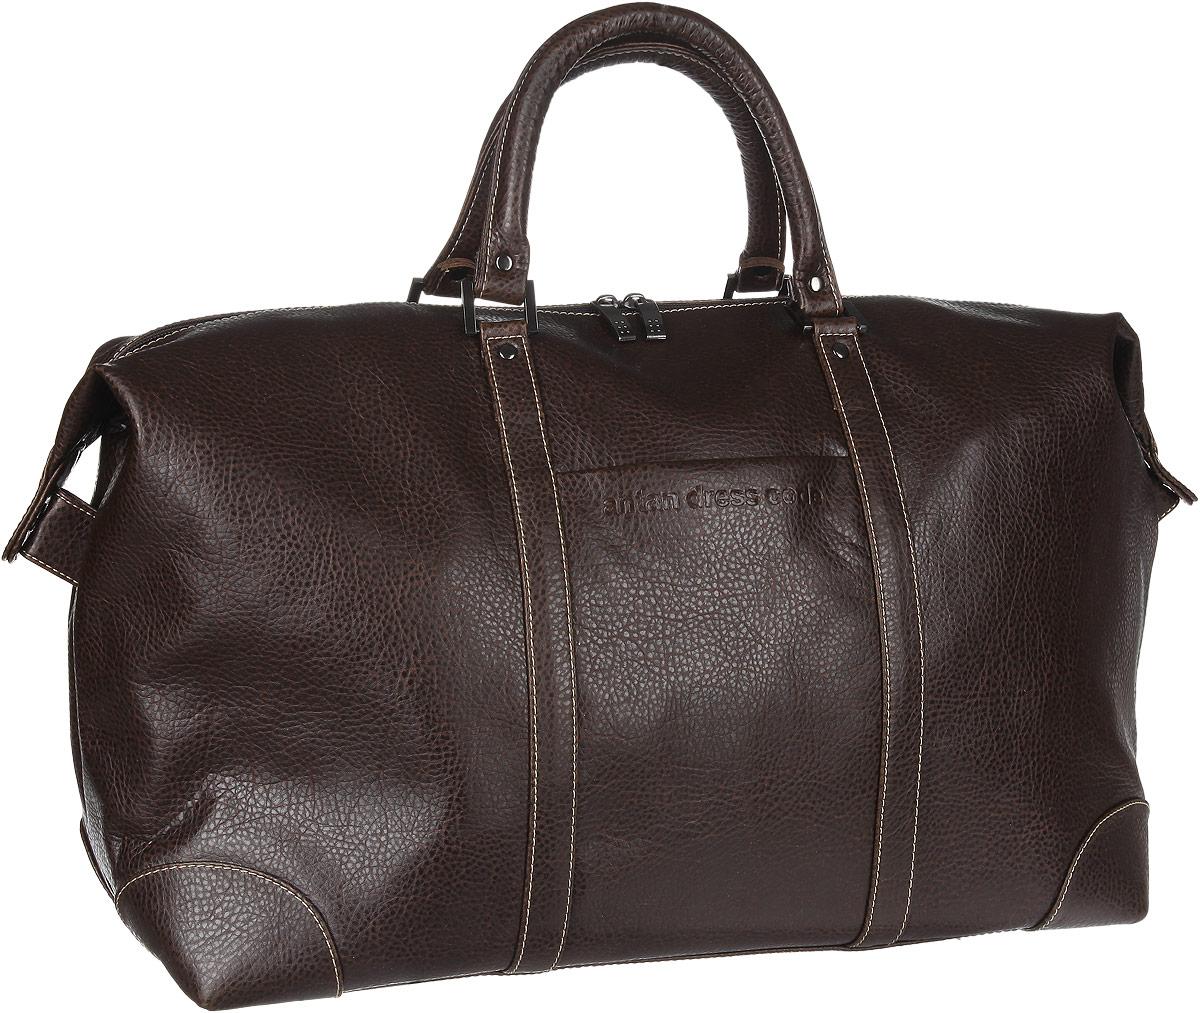 Сумка дорожная Antan, цвет: темно-коричневый. 2-2072-207Стильная дорожная сумка Antan изготовлена из искусственной кожи с зернистой фактурой, оформлена тиснением в виде логотипа бренда. Сумка содержит одно вместительное отделение, закрывающееся на застежку-молнию. Внутри расположен врезной карман на застежке-молнии. Снаружи, на лицевой стороне сумки, расположен накладной кармашек. Сумка оснащена двумя удобными ручками и съемным наплечным ремнем регулируемой длины. Дно изделия дополнено металлическими ножками. Практичная сумка станет незаменимым аксессуаром для путешествий.